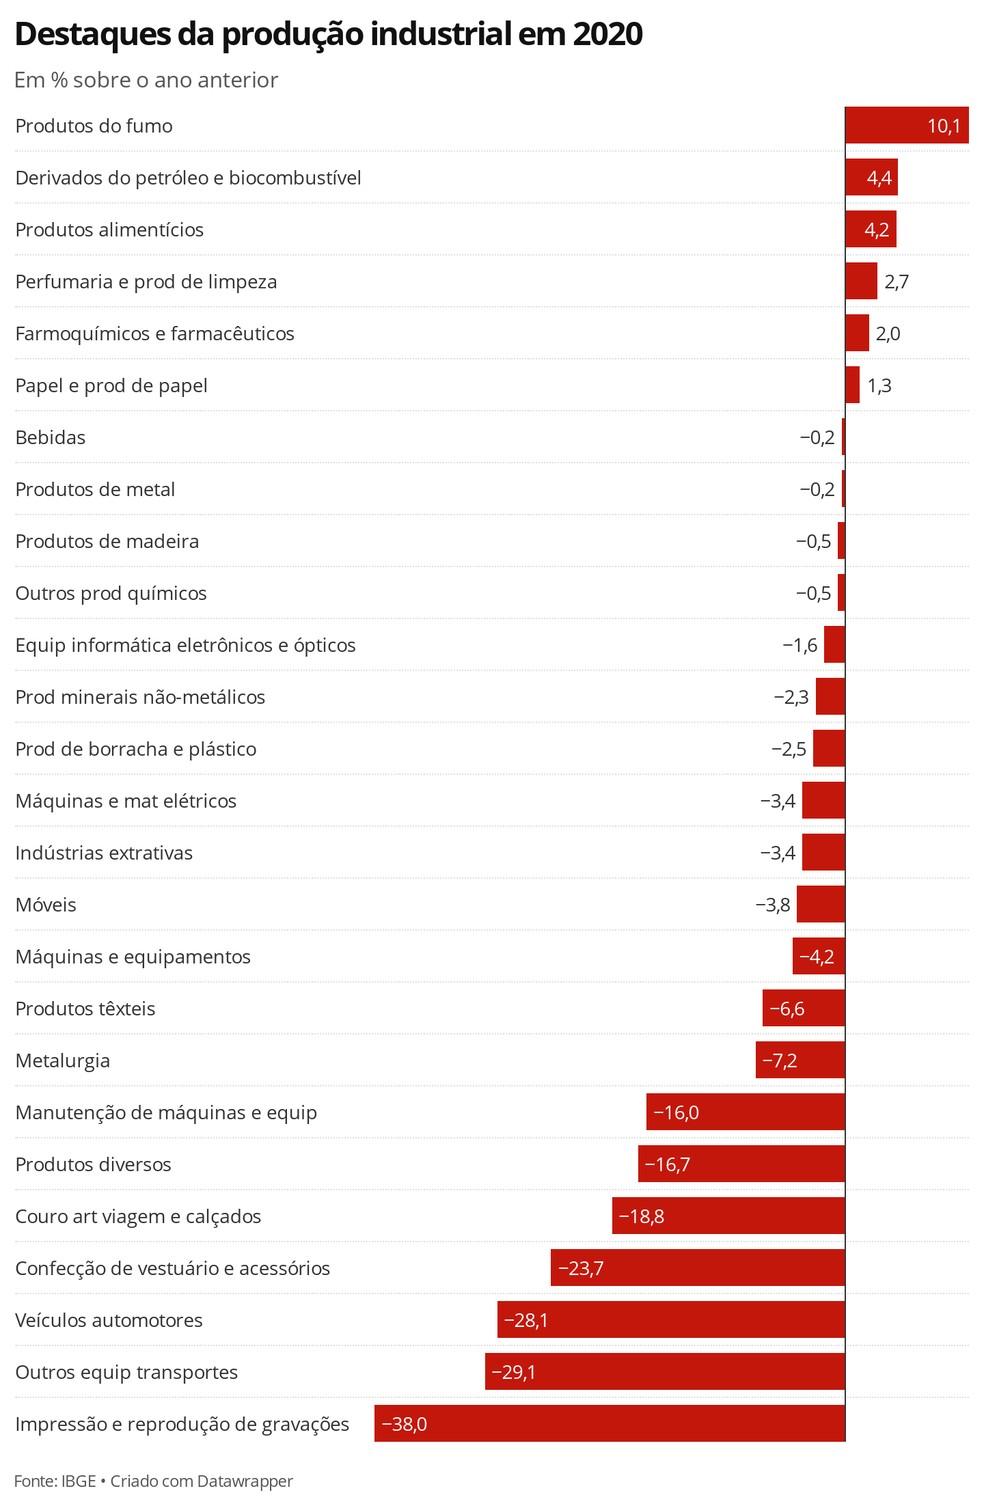 Destaques da produção industrial de 2020 — Foto: Economia G1